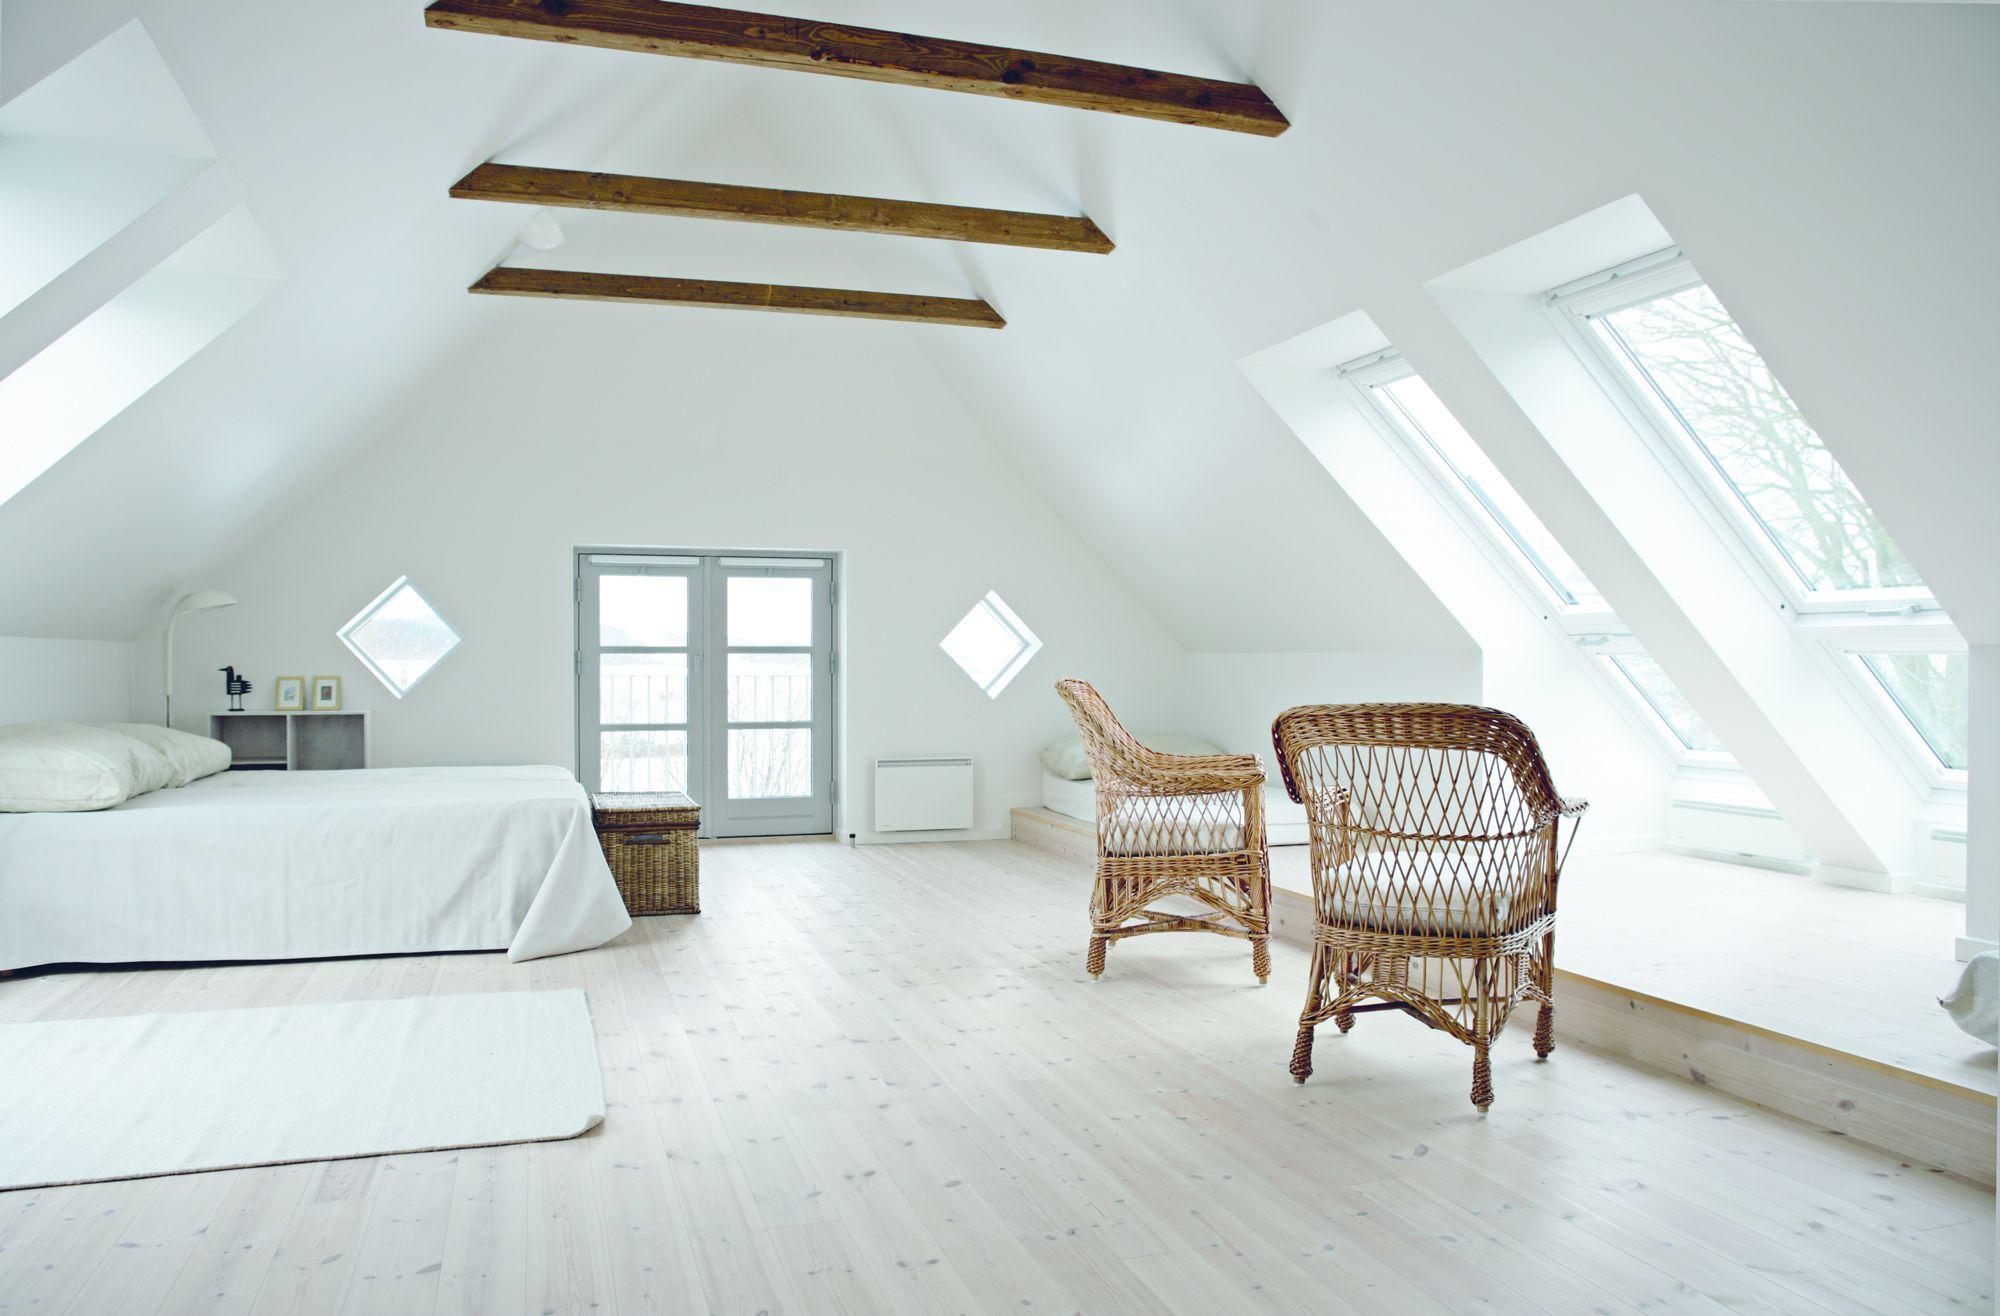 Come scegliere una finestra per tetti travi a vista muebles dormitorio interiores e aticos - Finestra a bovindo ...